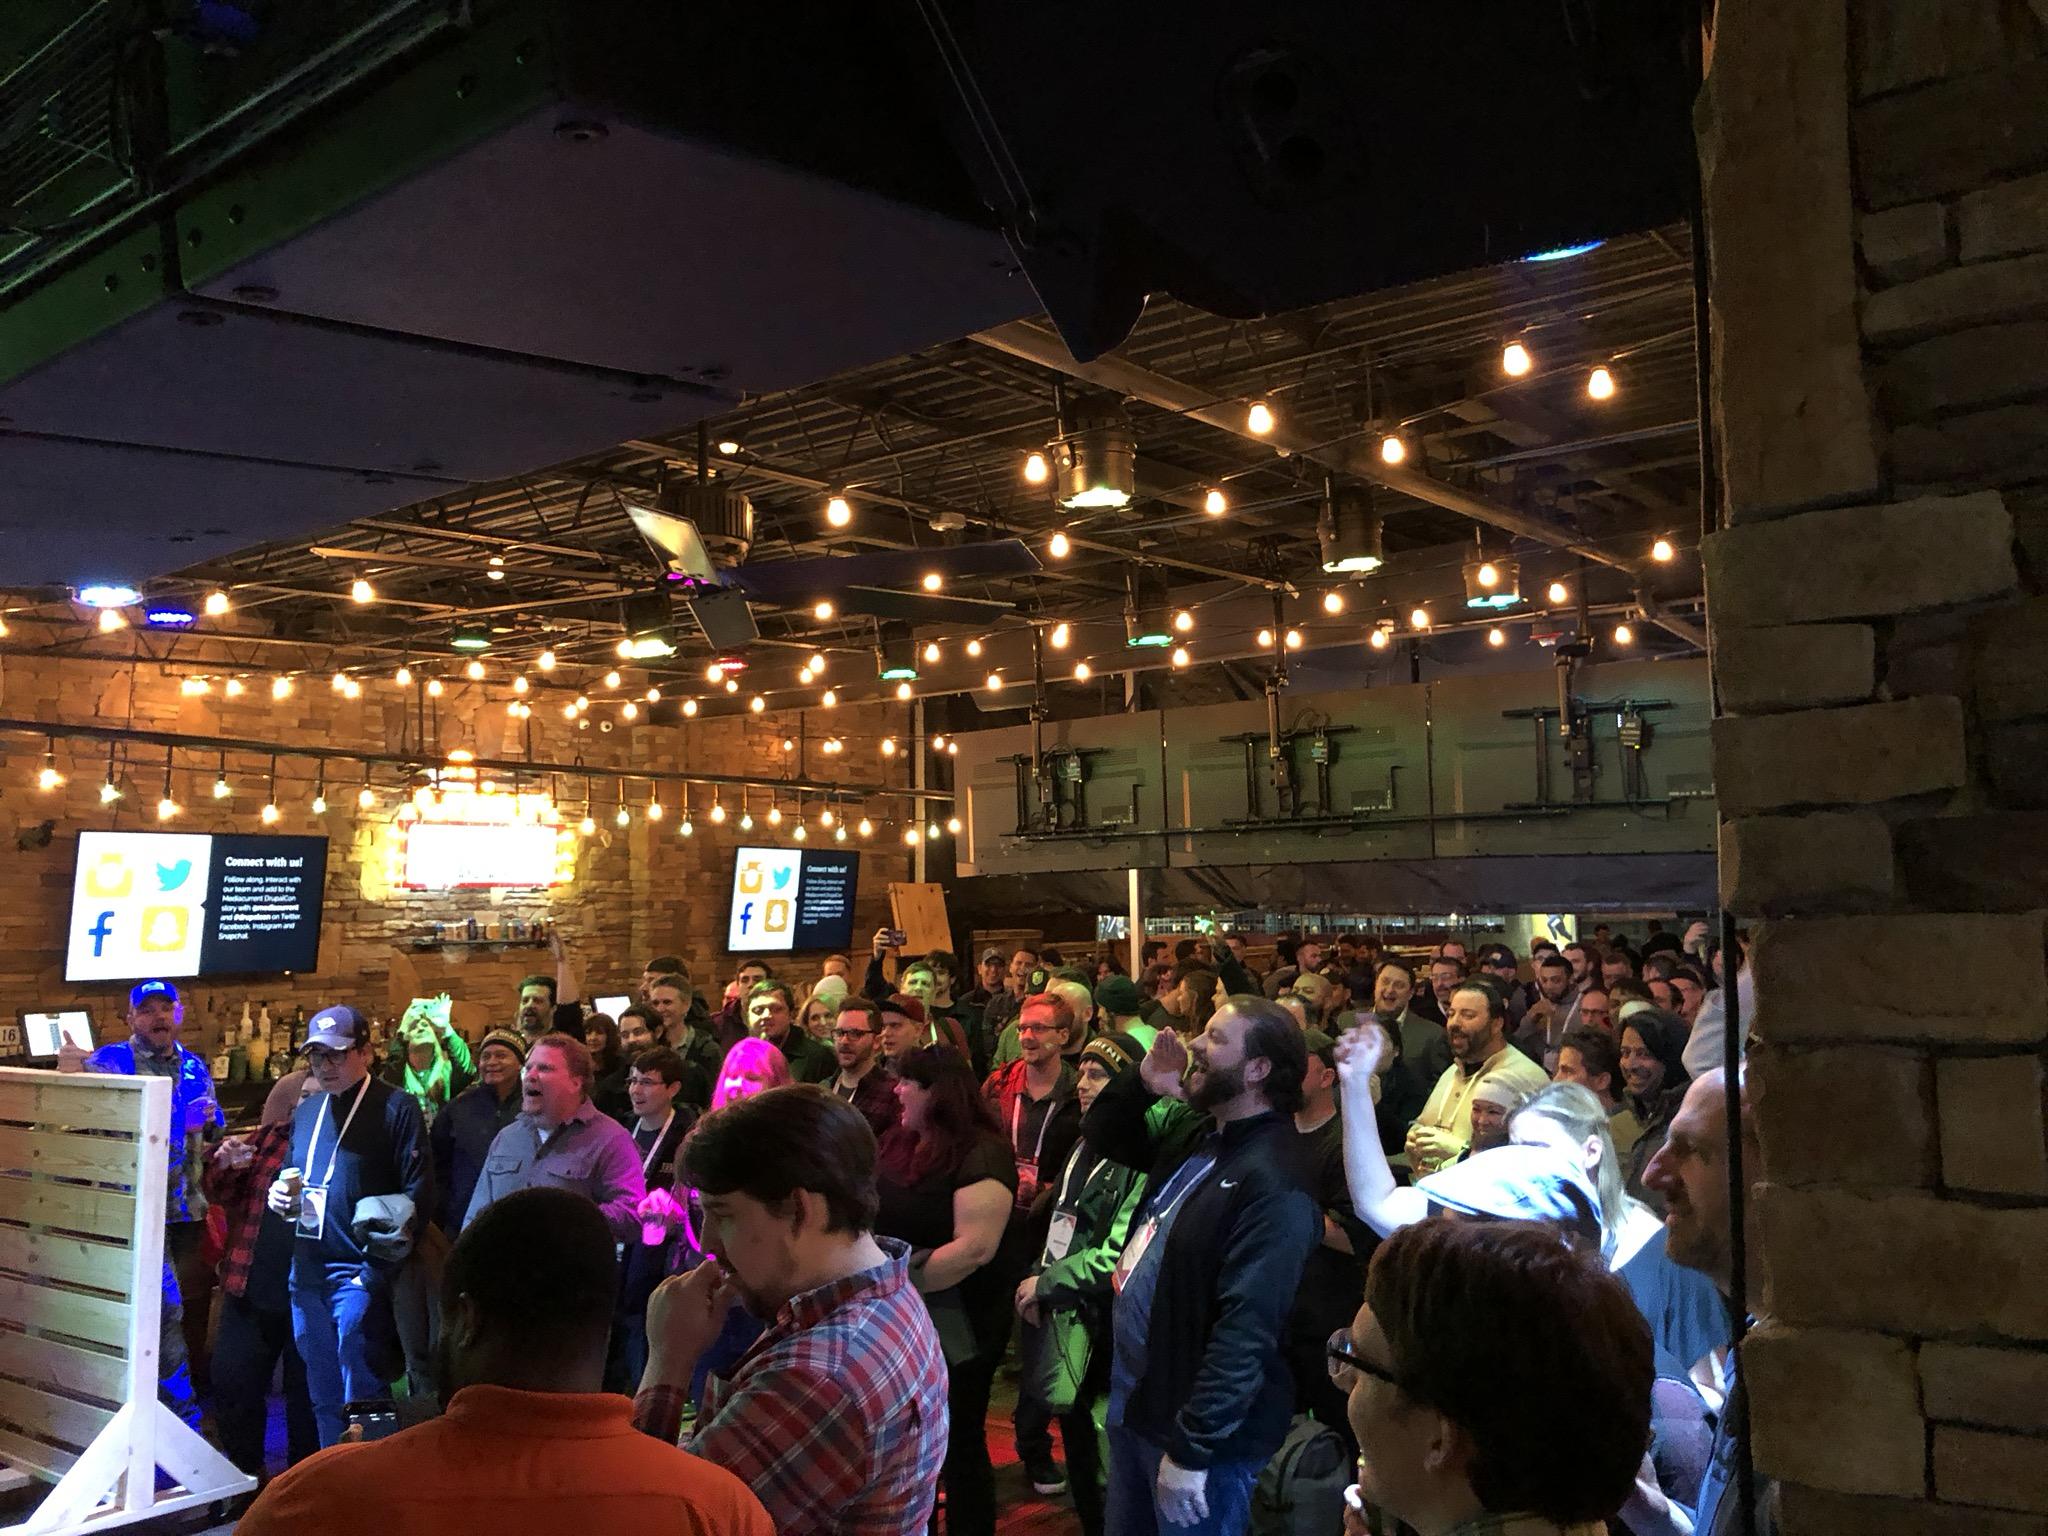 karaoke at Mediacurrent's DrupalCon Nashville after party